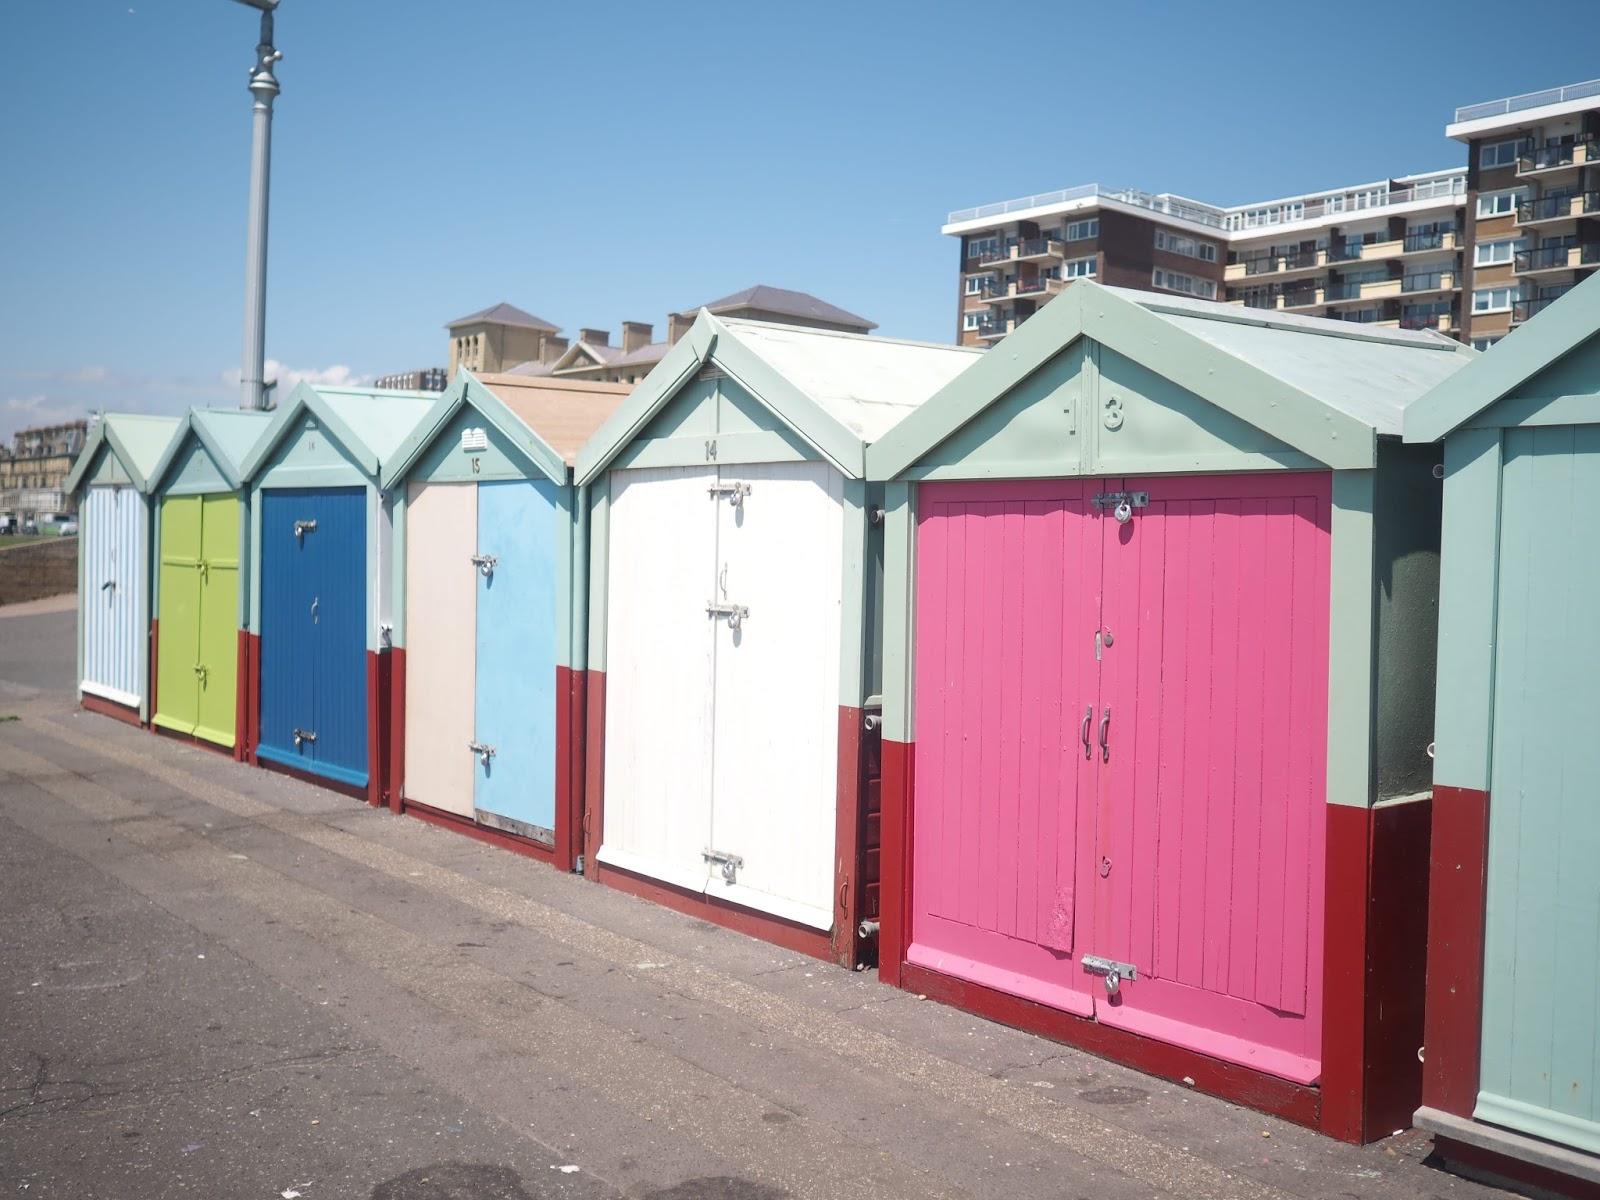 Brighton Hove beach huts